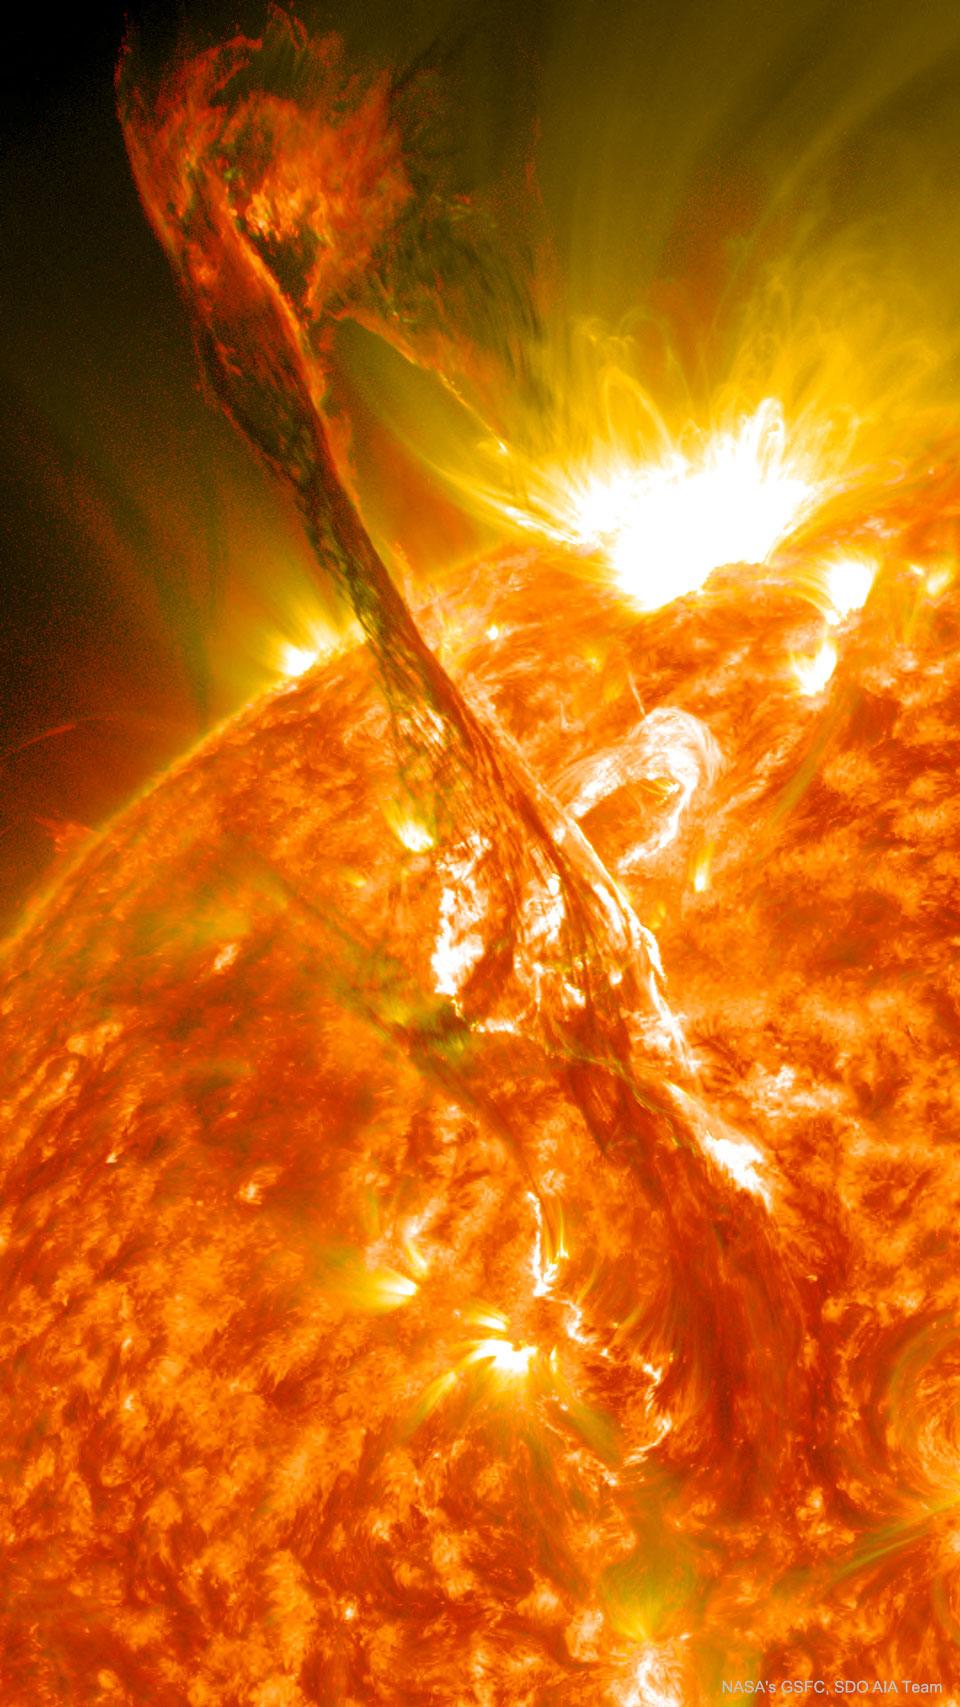 Un filament solaire éclate